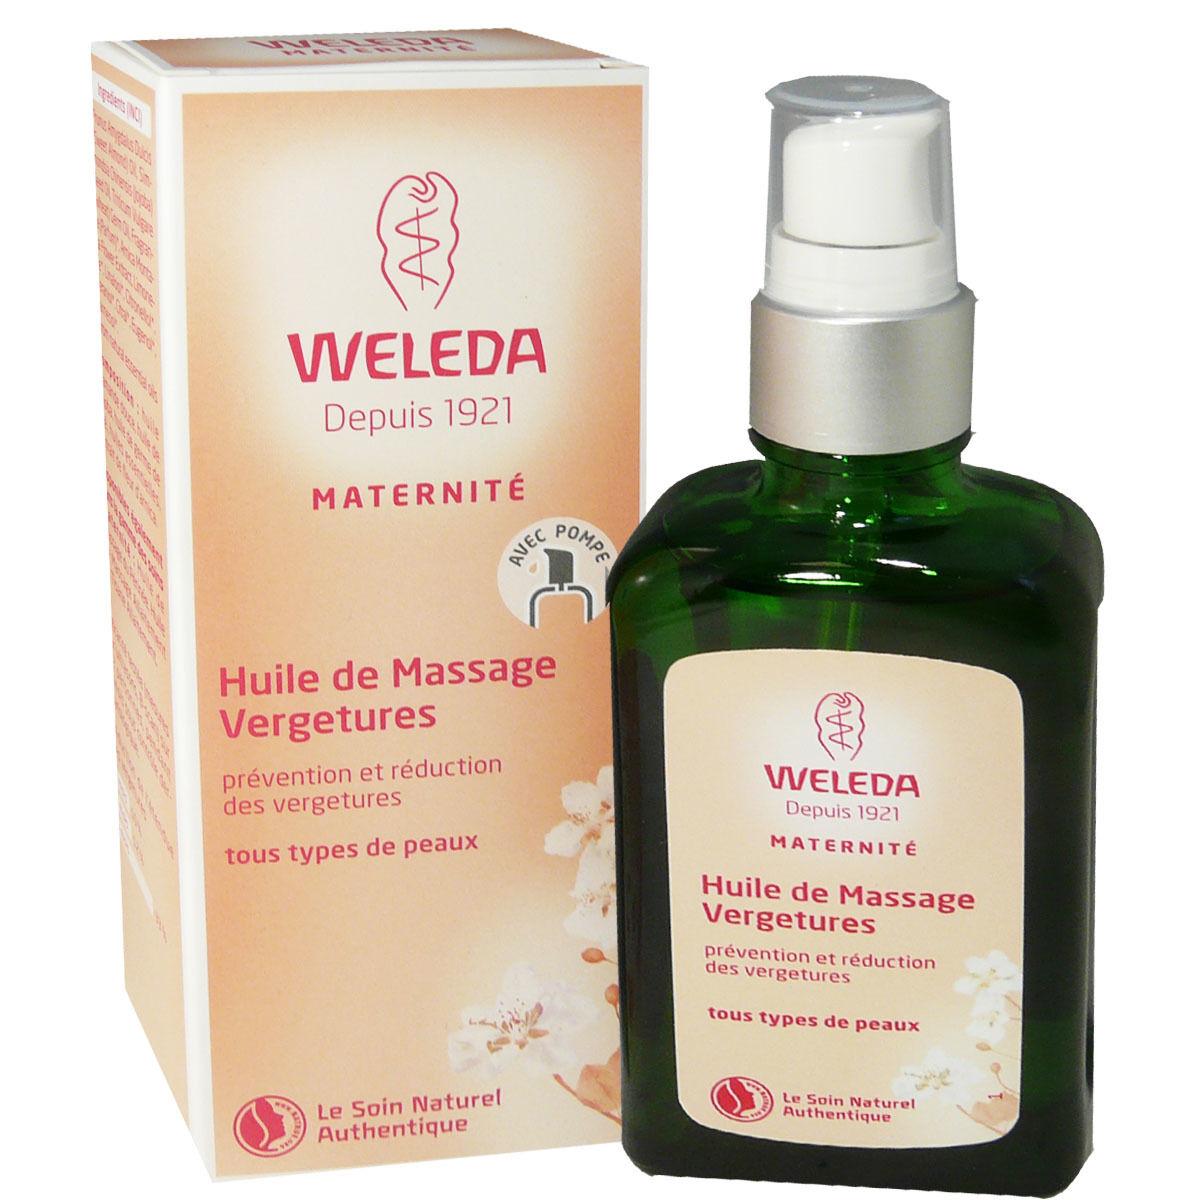 Weleda huile de massage vergetures maternite 100 ml